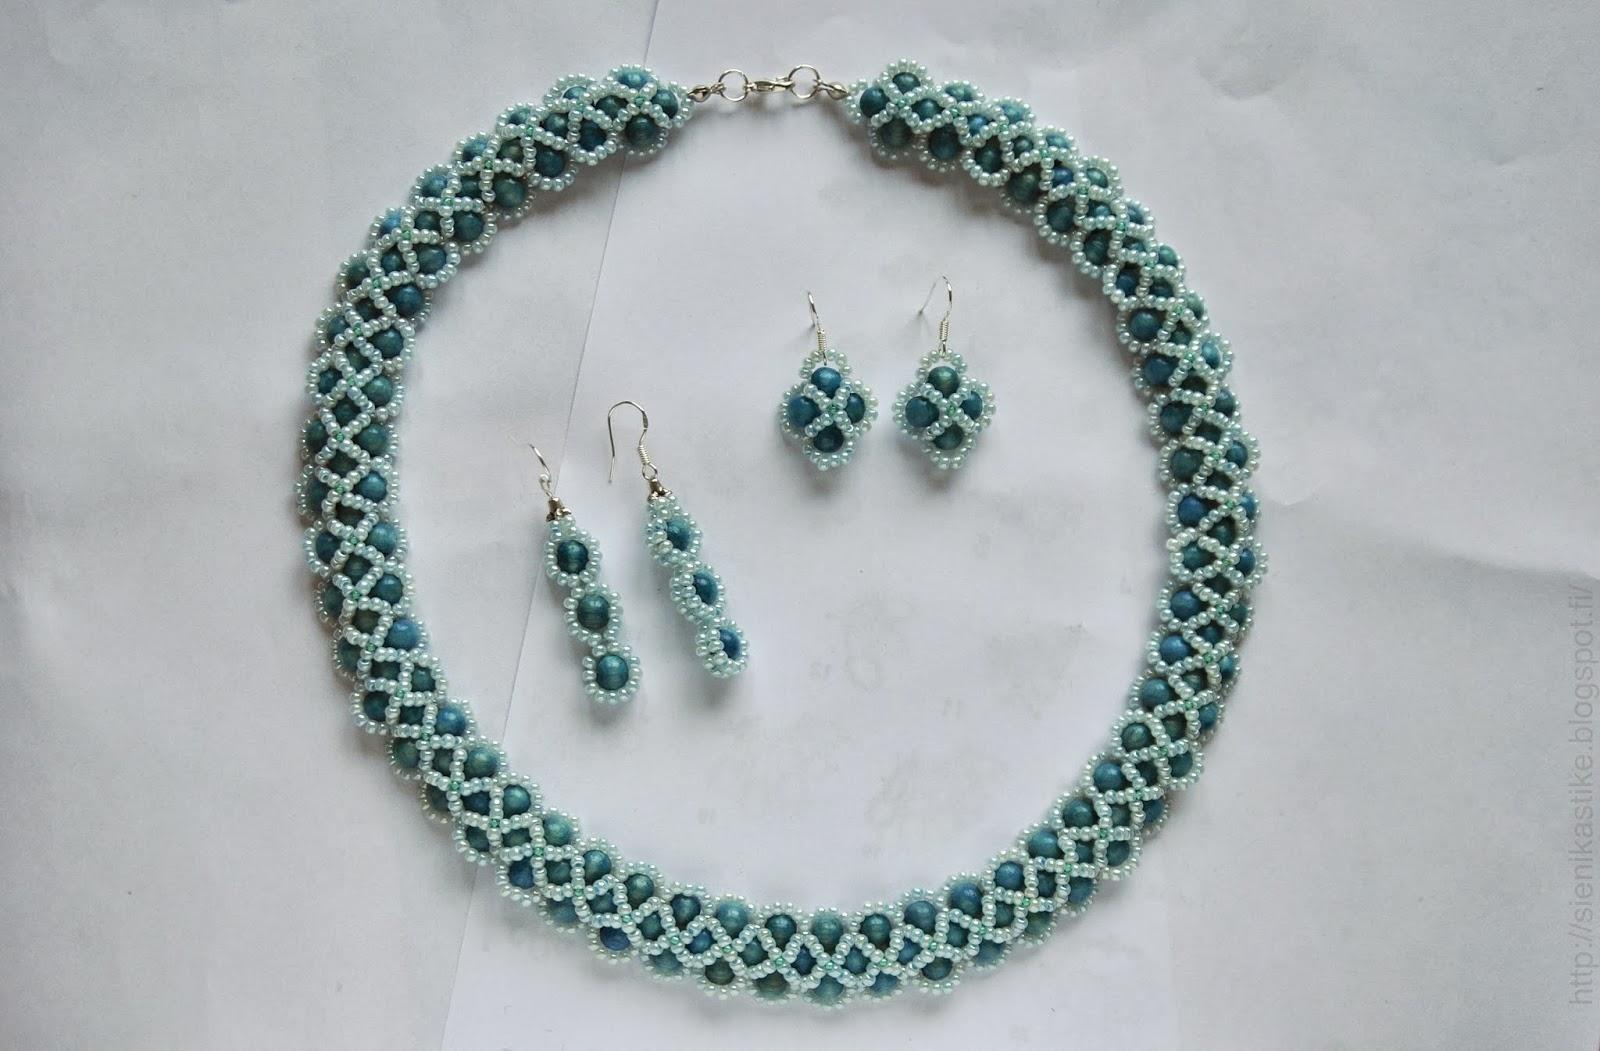 деревянные бусины6 чешский бисер, светло-голубой, бирюзовый, серьги, колье, ожерелье